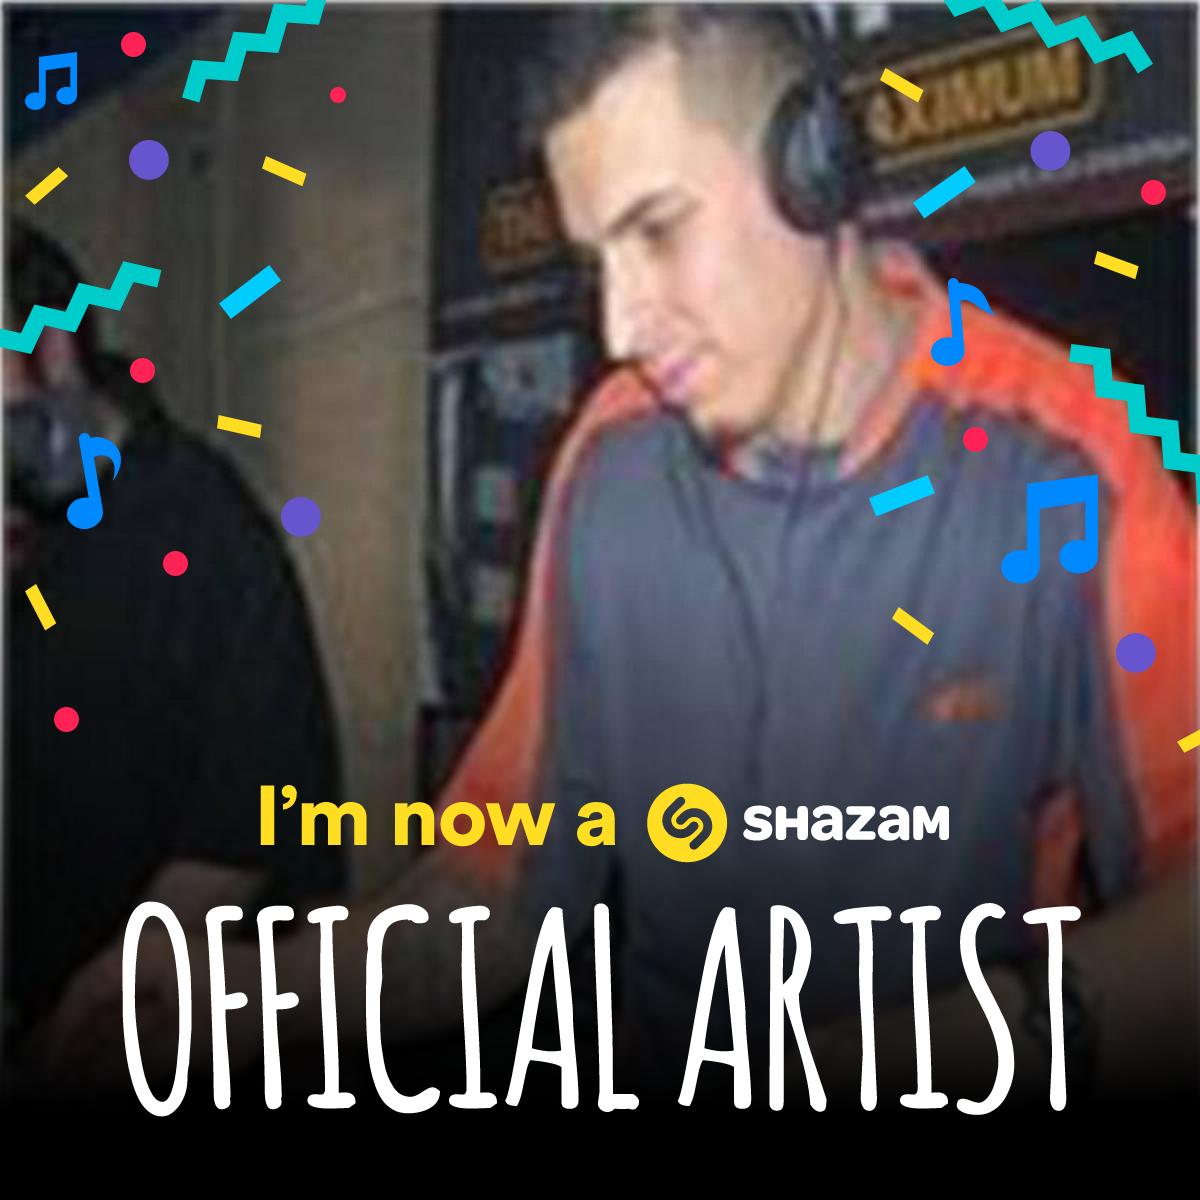 Shazam_official_artist